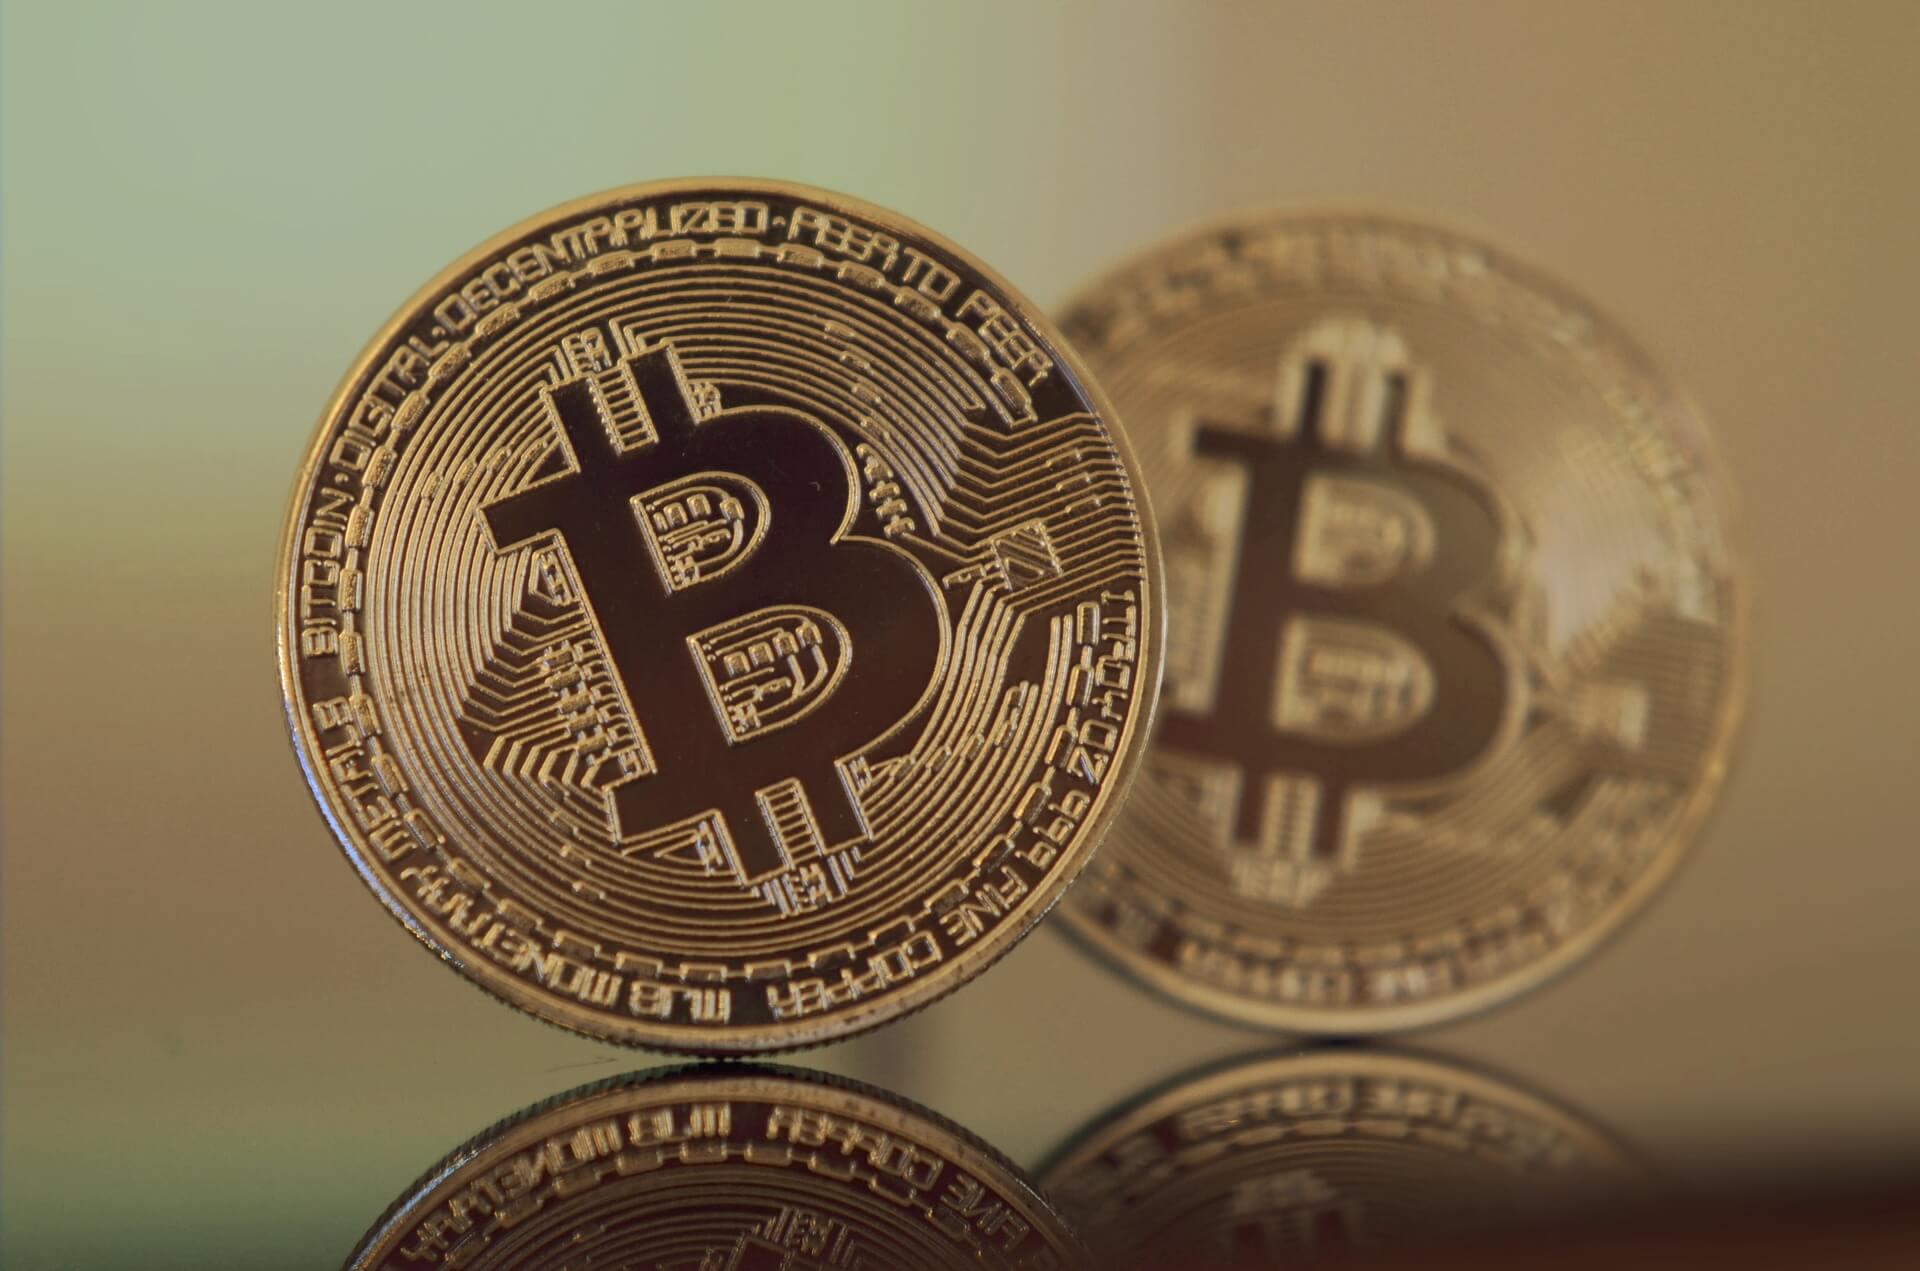 Stockage bitcoins rate frank bettinger kritische soziale arbeit und